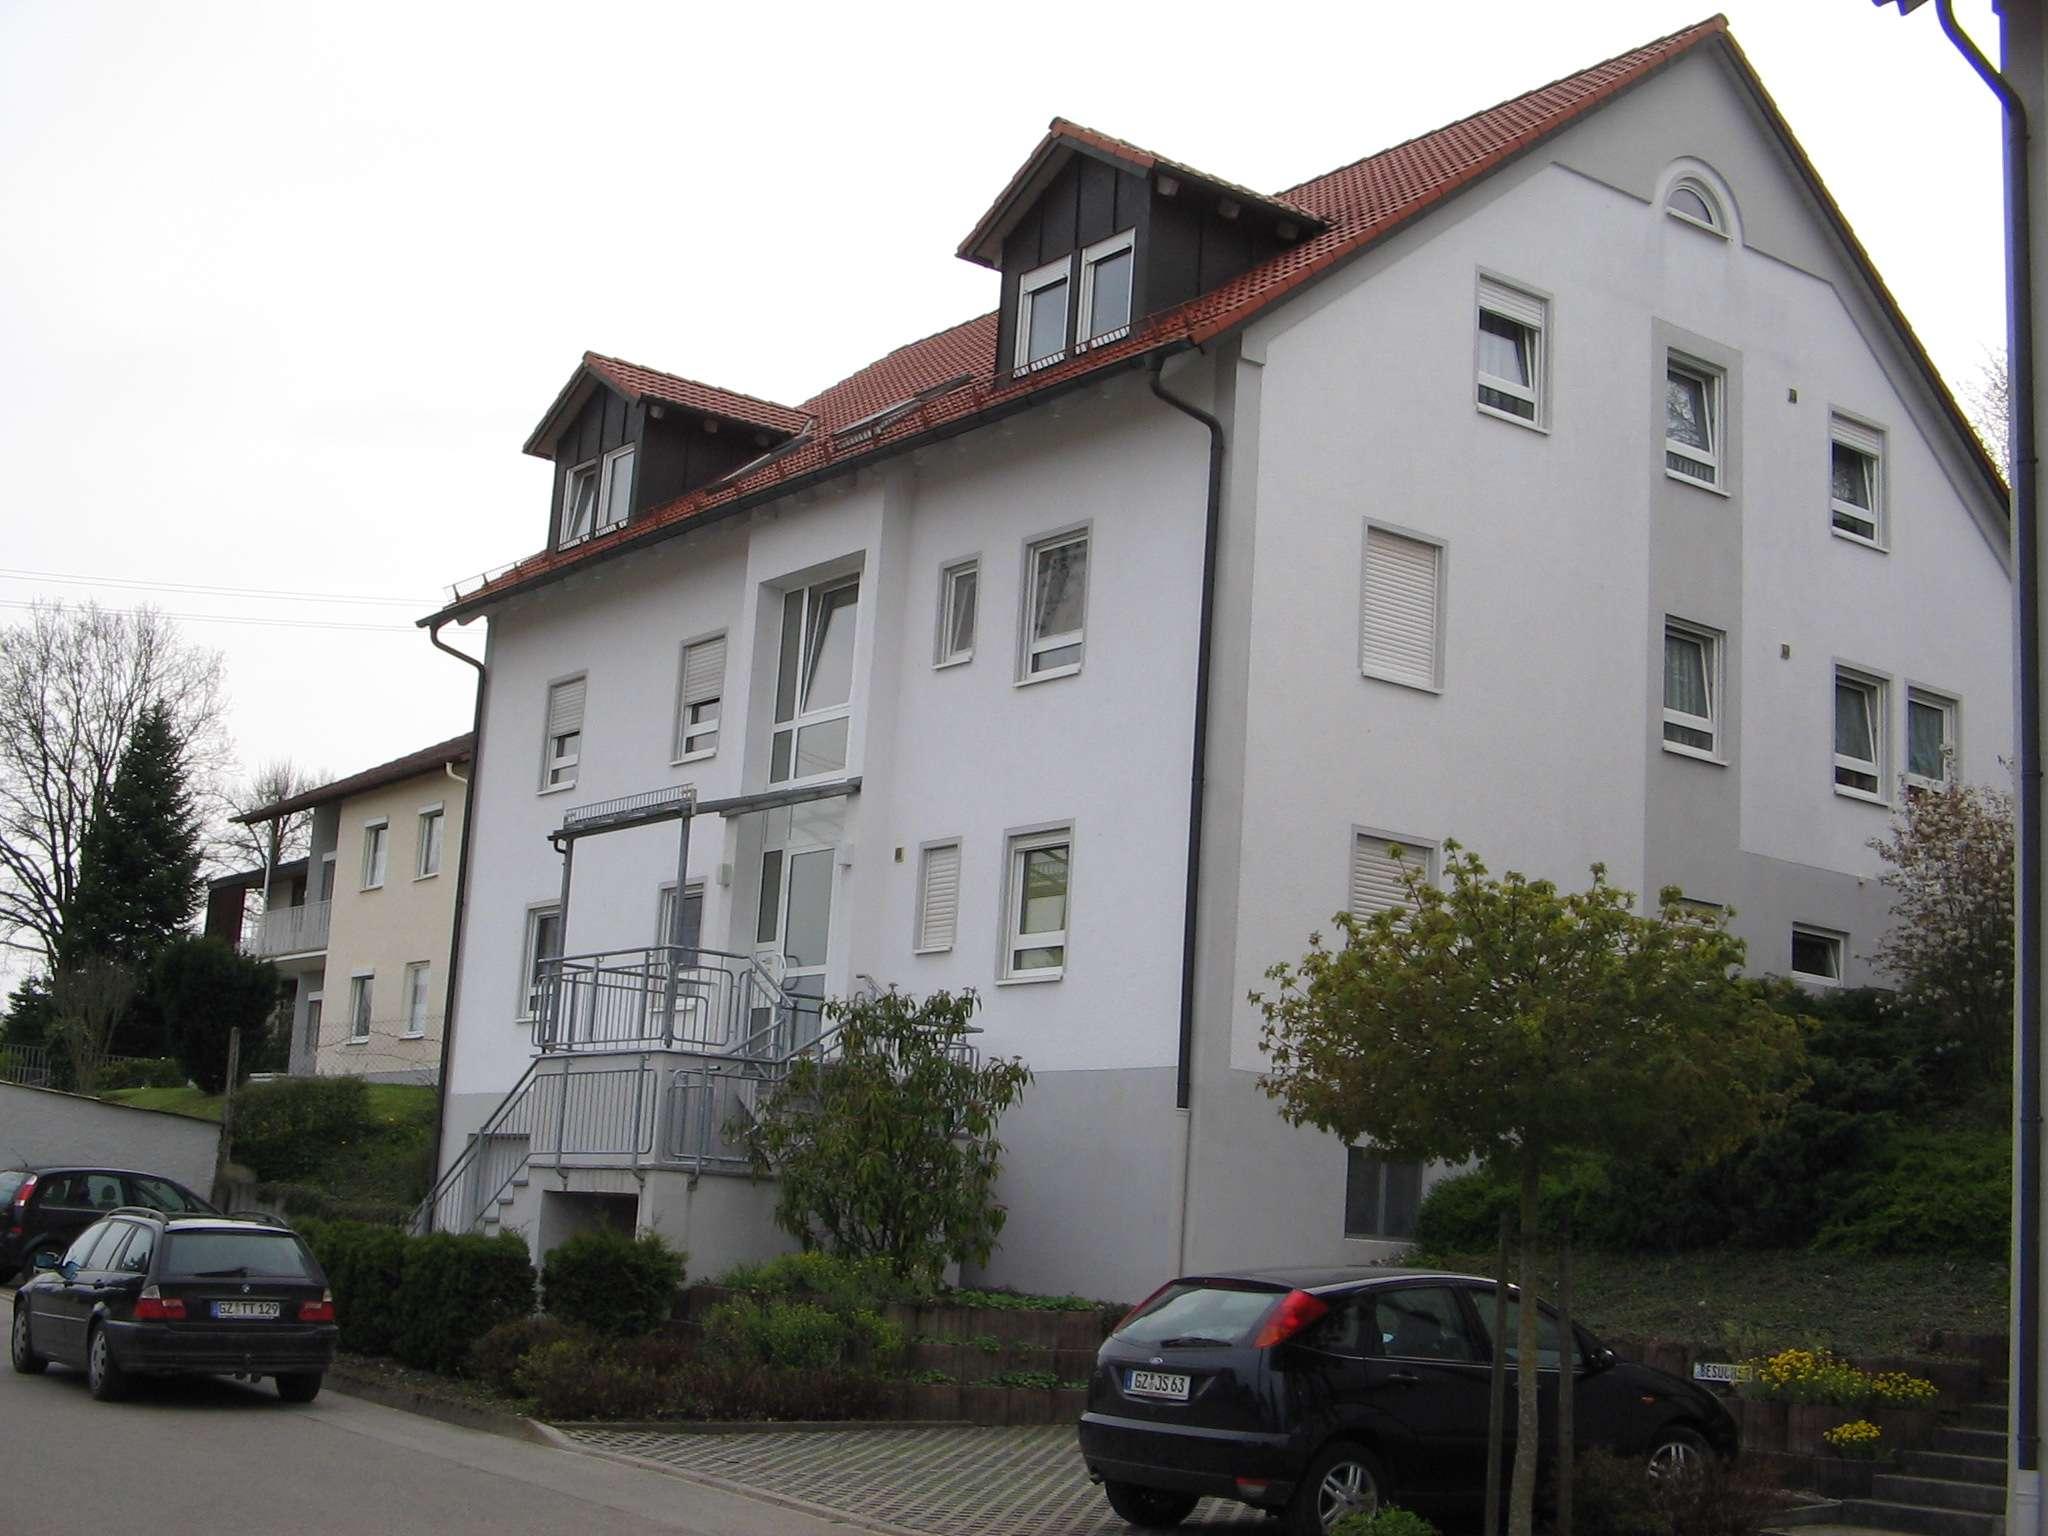 2 Zimmer Wohnung in Krumbach inkl. Kellrraum und Tiefgaragenstellplatz in